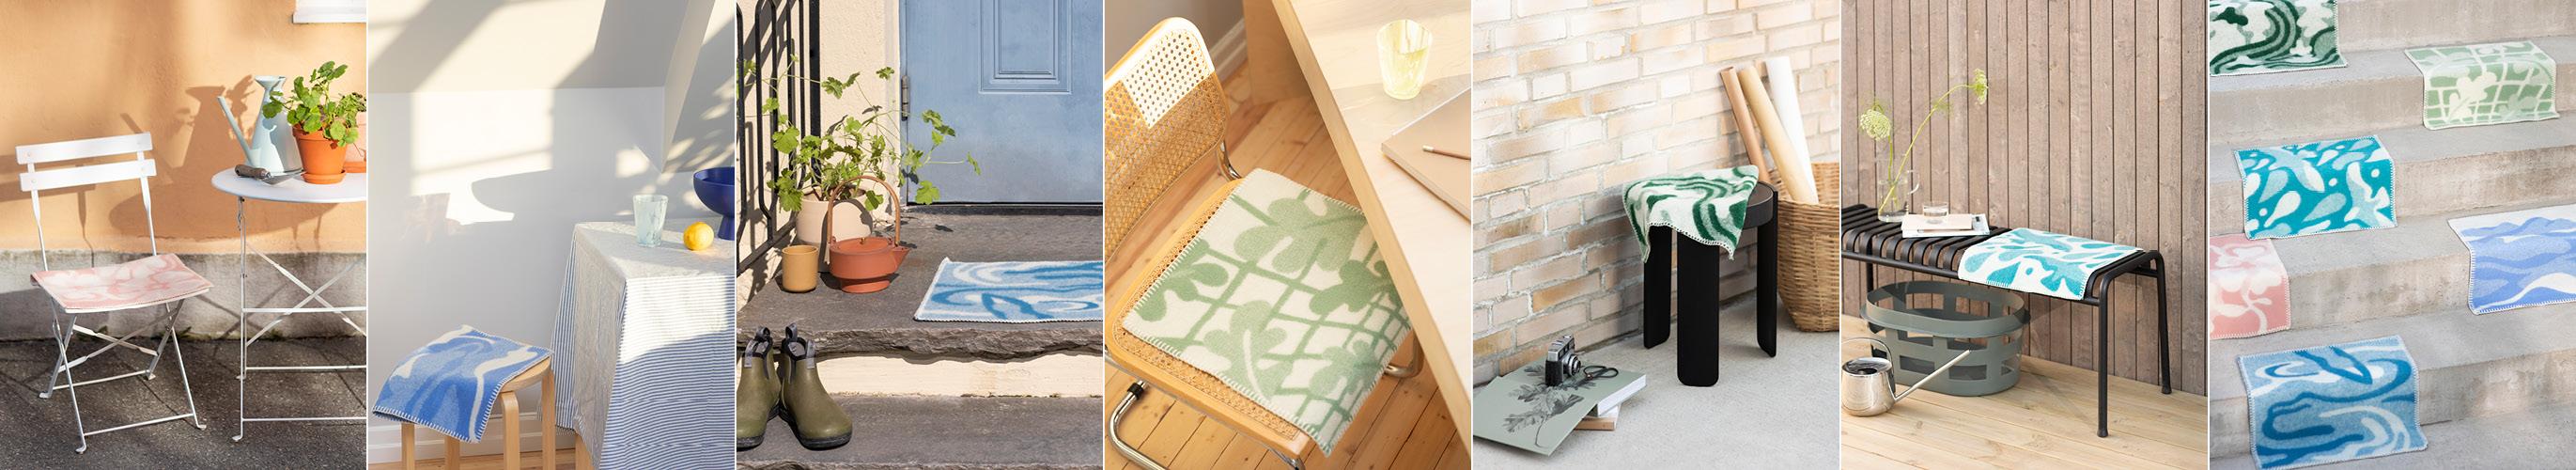 Røros-Tweed-Byen-Min-sitteunderlag-designer-Sandra-Blikås.jpg